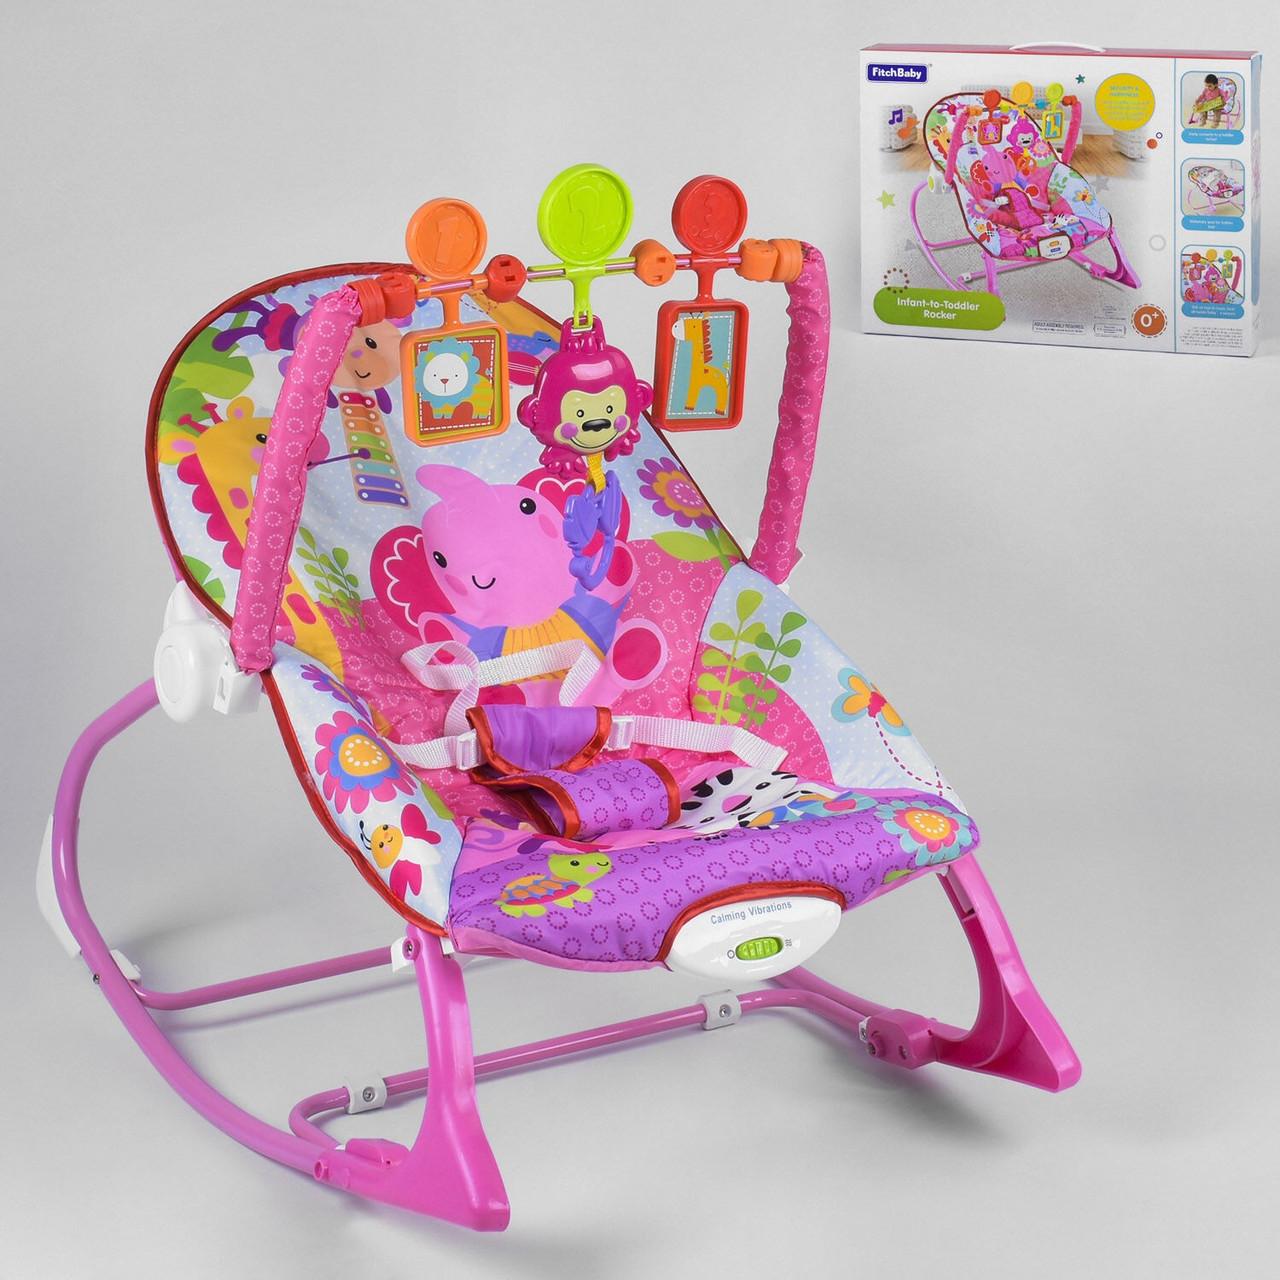 Дитяче крісло-гойдалка для дівчинки / шезлонг для новонароджених / качалка для немовлят у коробці